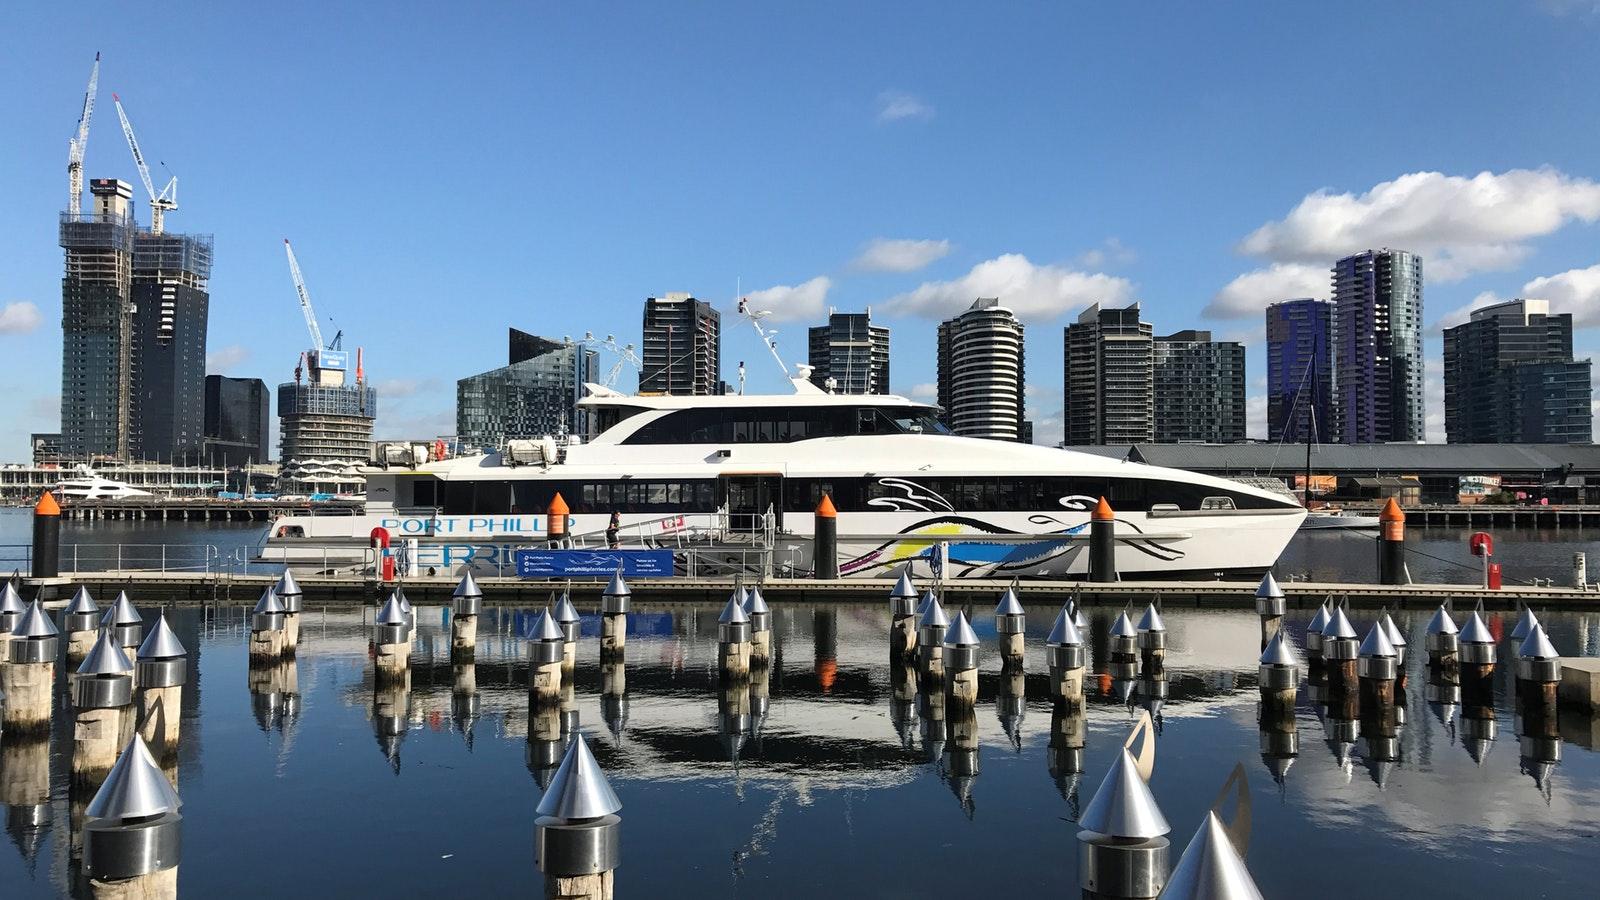 Port Phillip Ferries Docklands